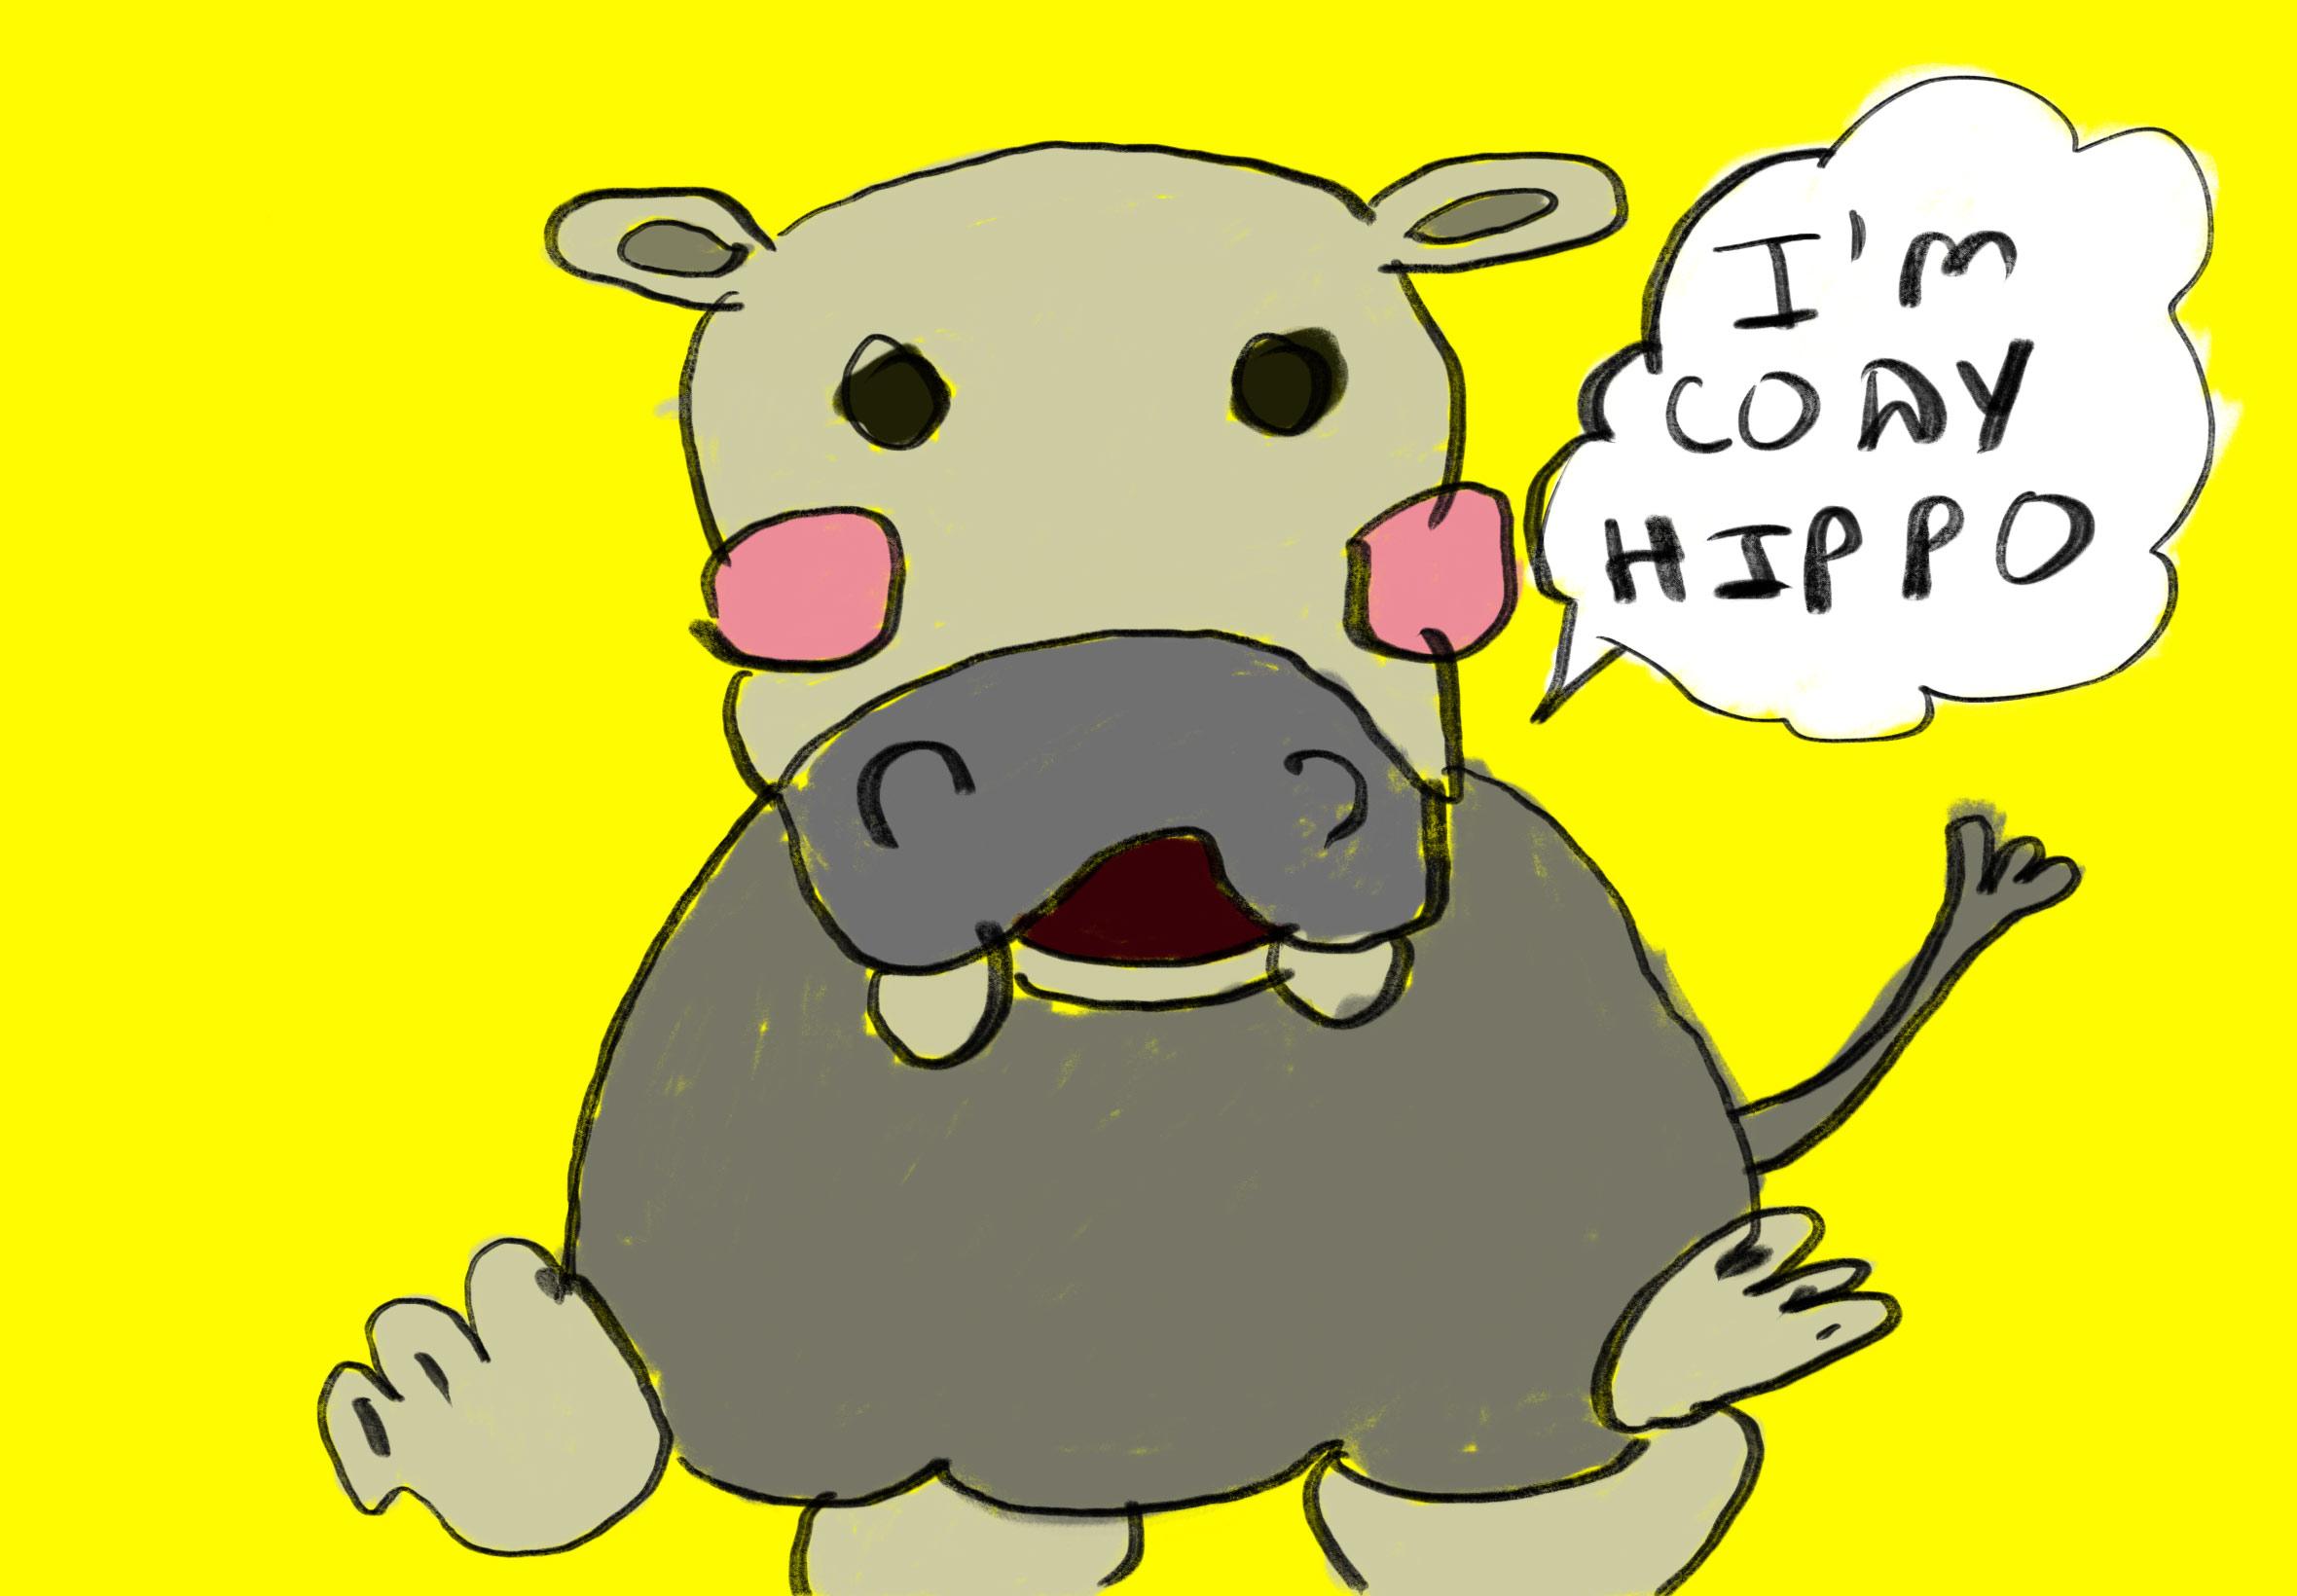 Cody Hippo Image